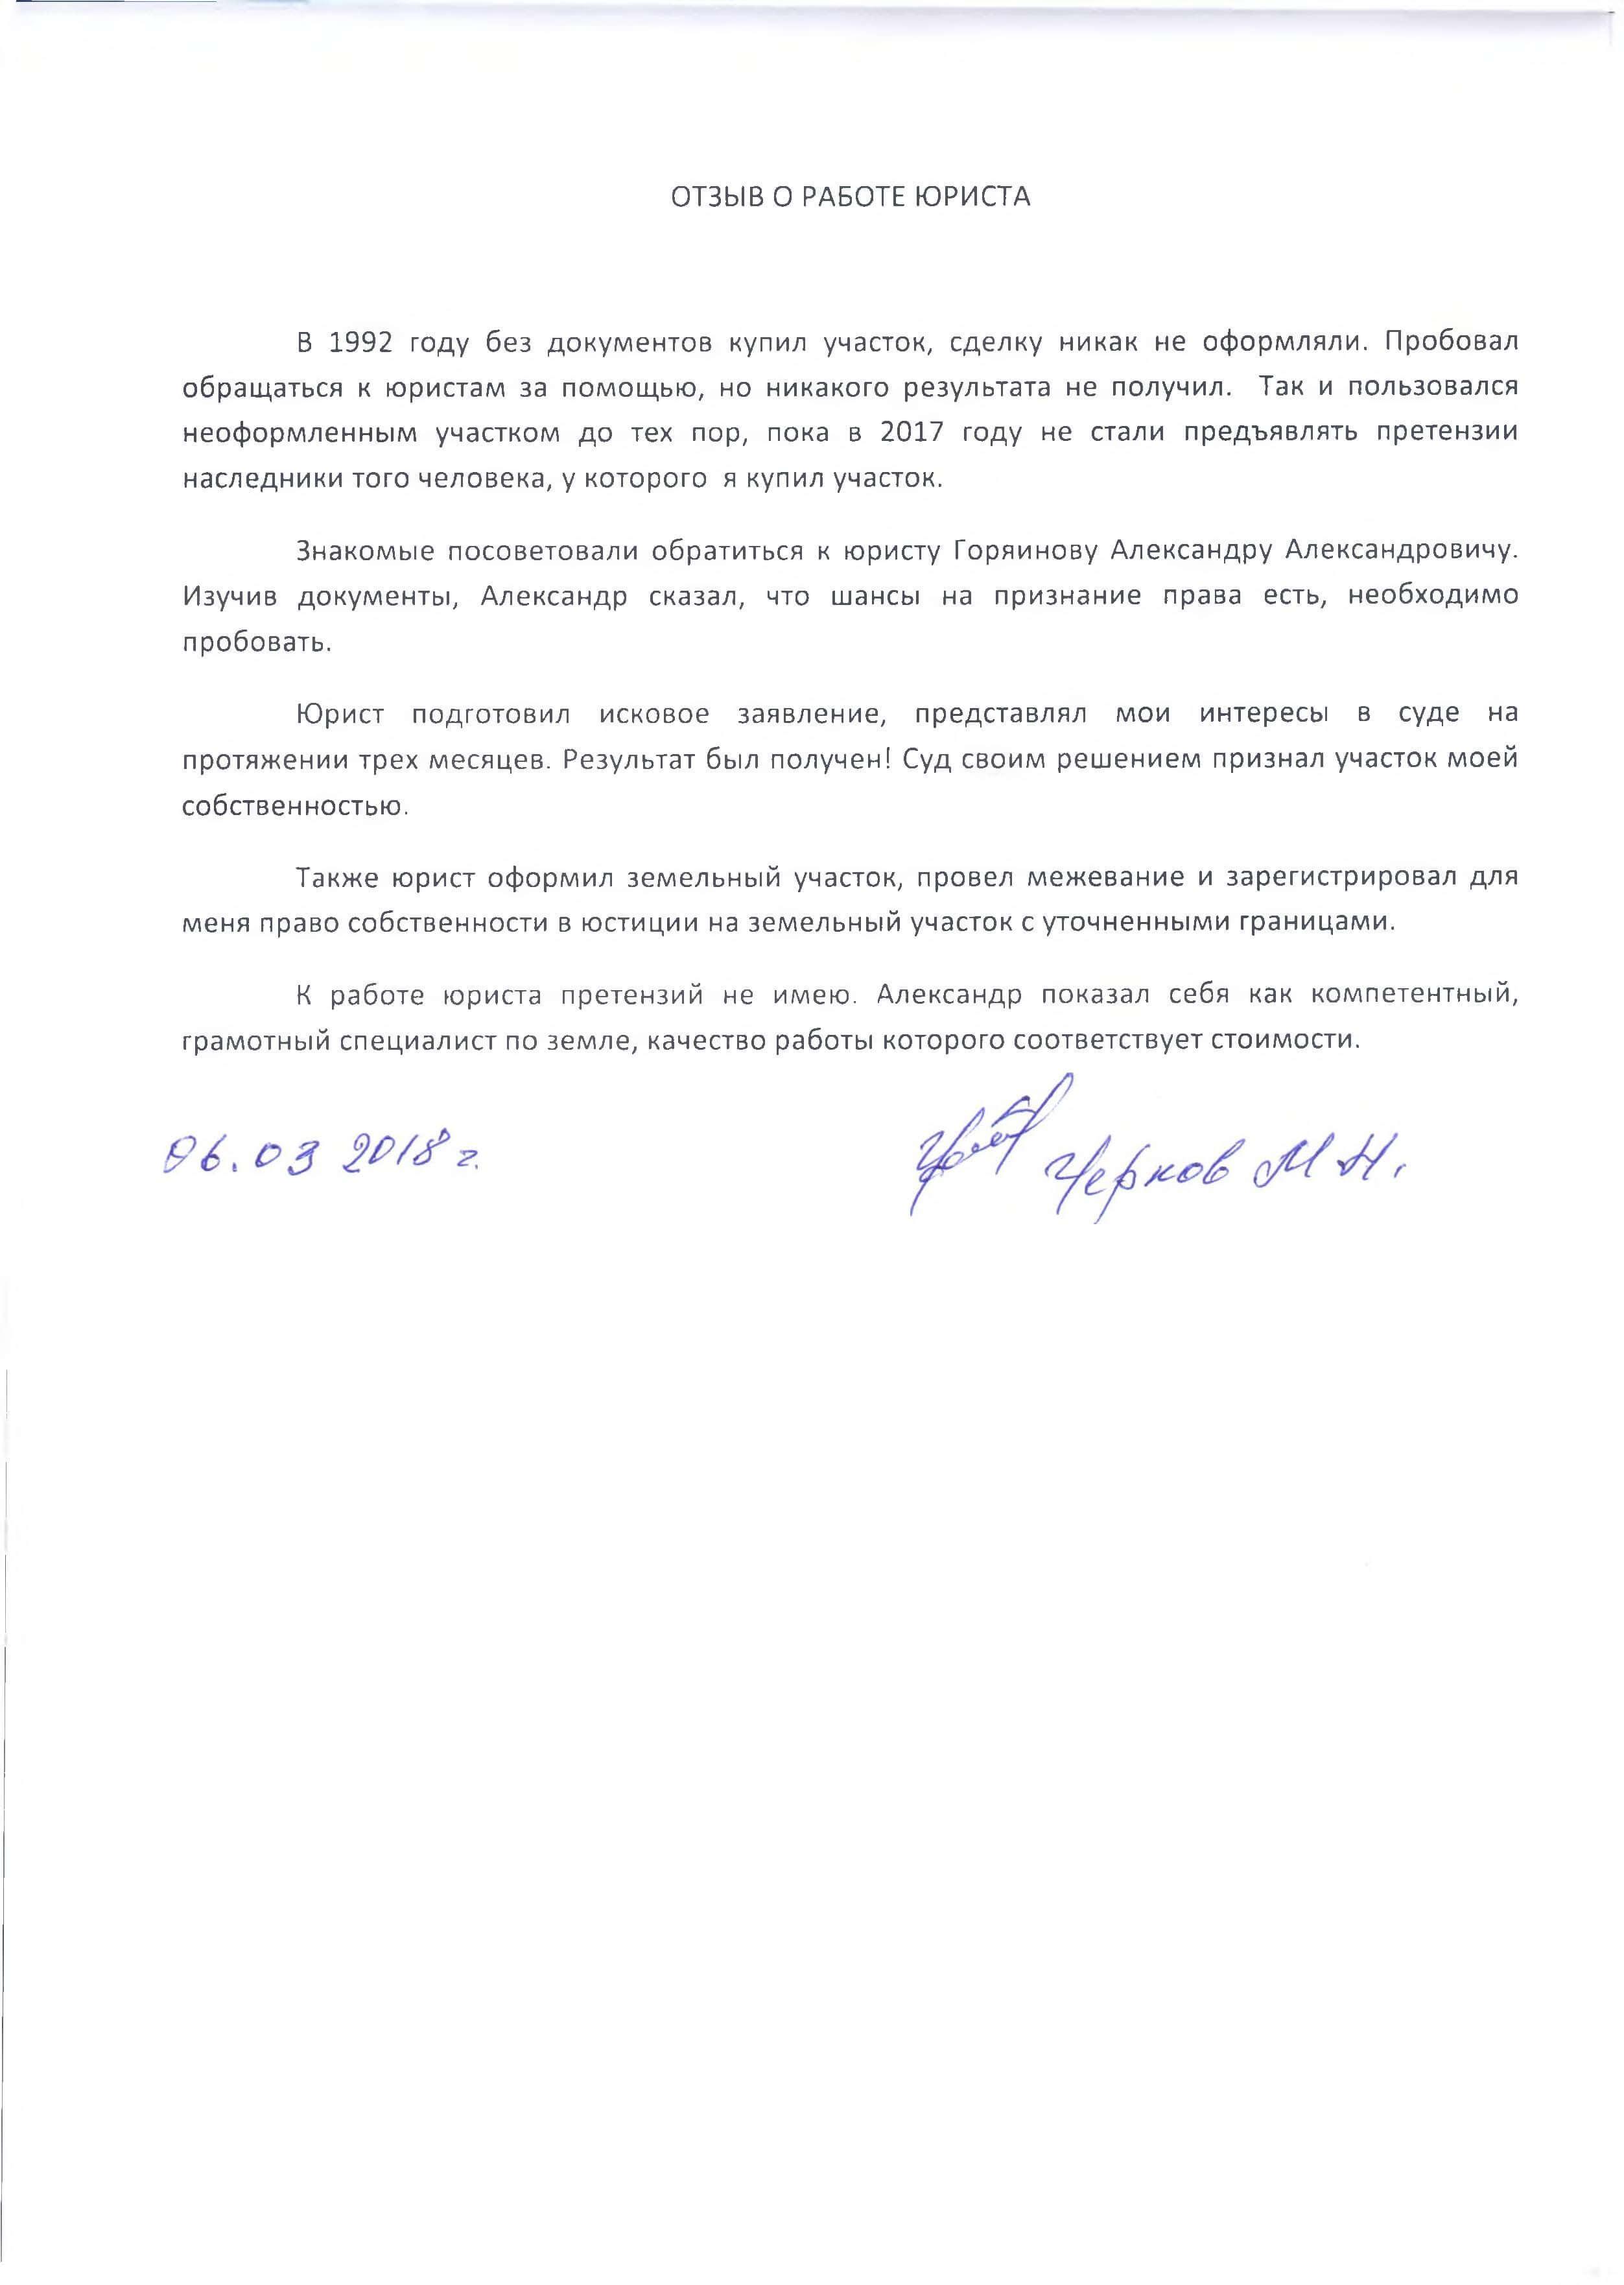 Рекомендация от Чернова М. Н.